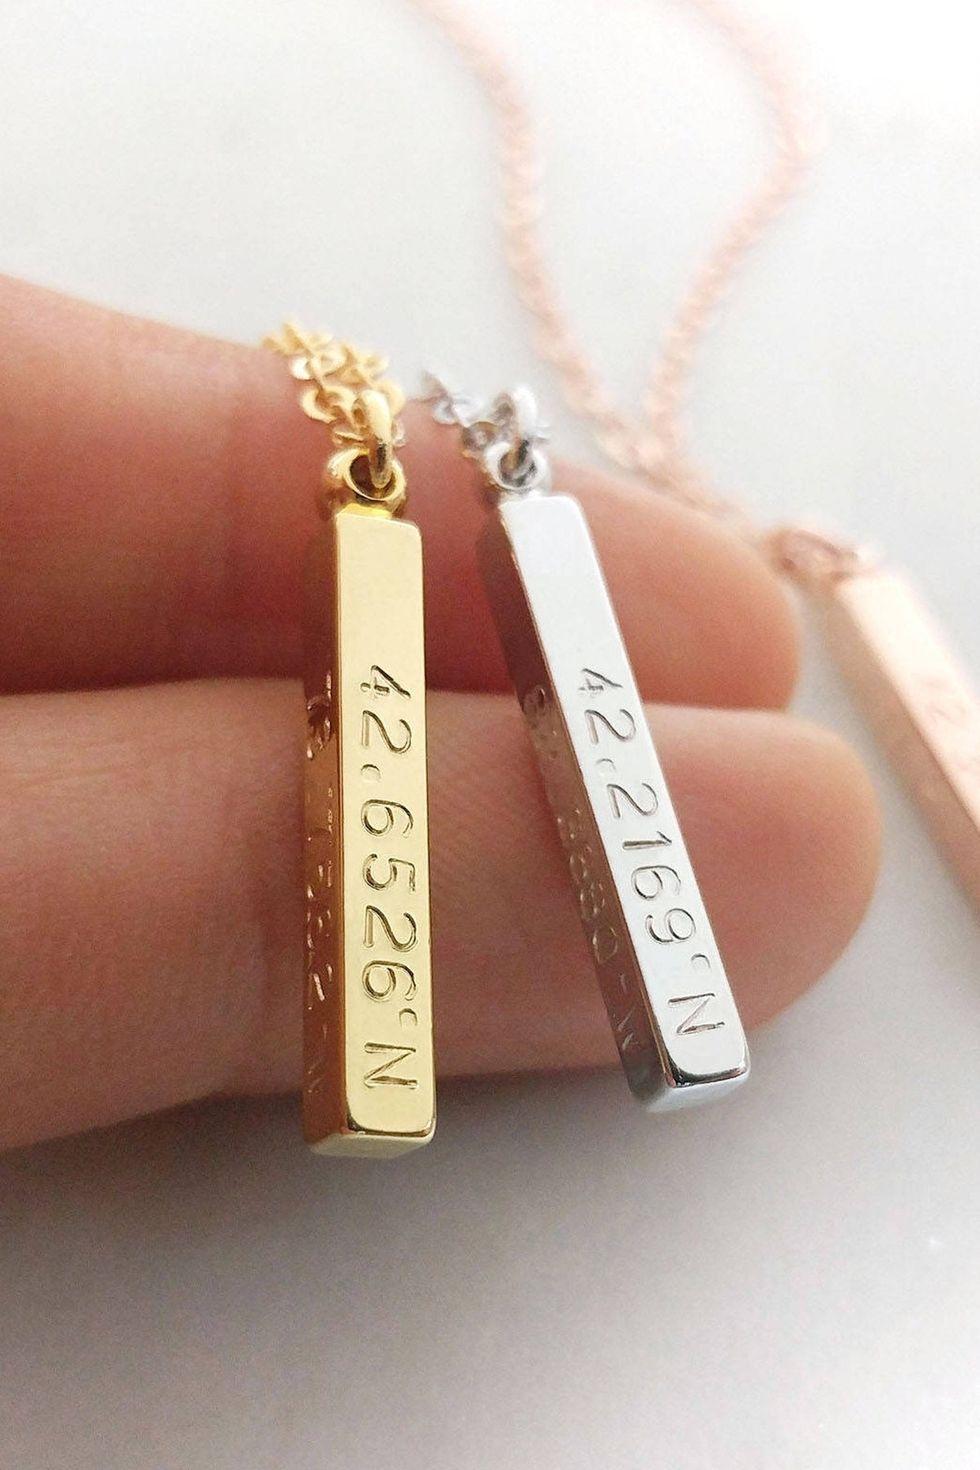 personalized bracelets for women anniversary gift for girlfriend for her rose quartz bracelet birthday gift for mom gift for sis engraved